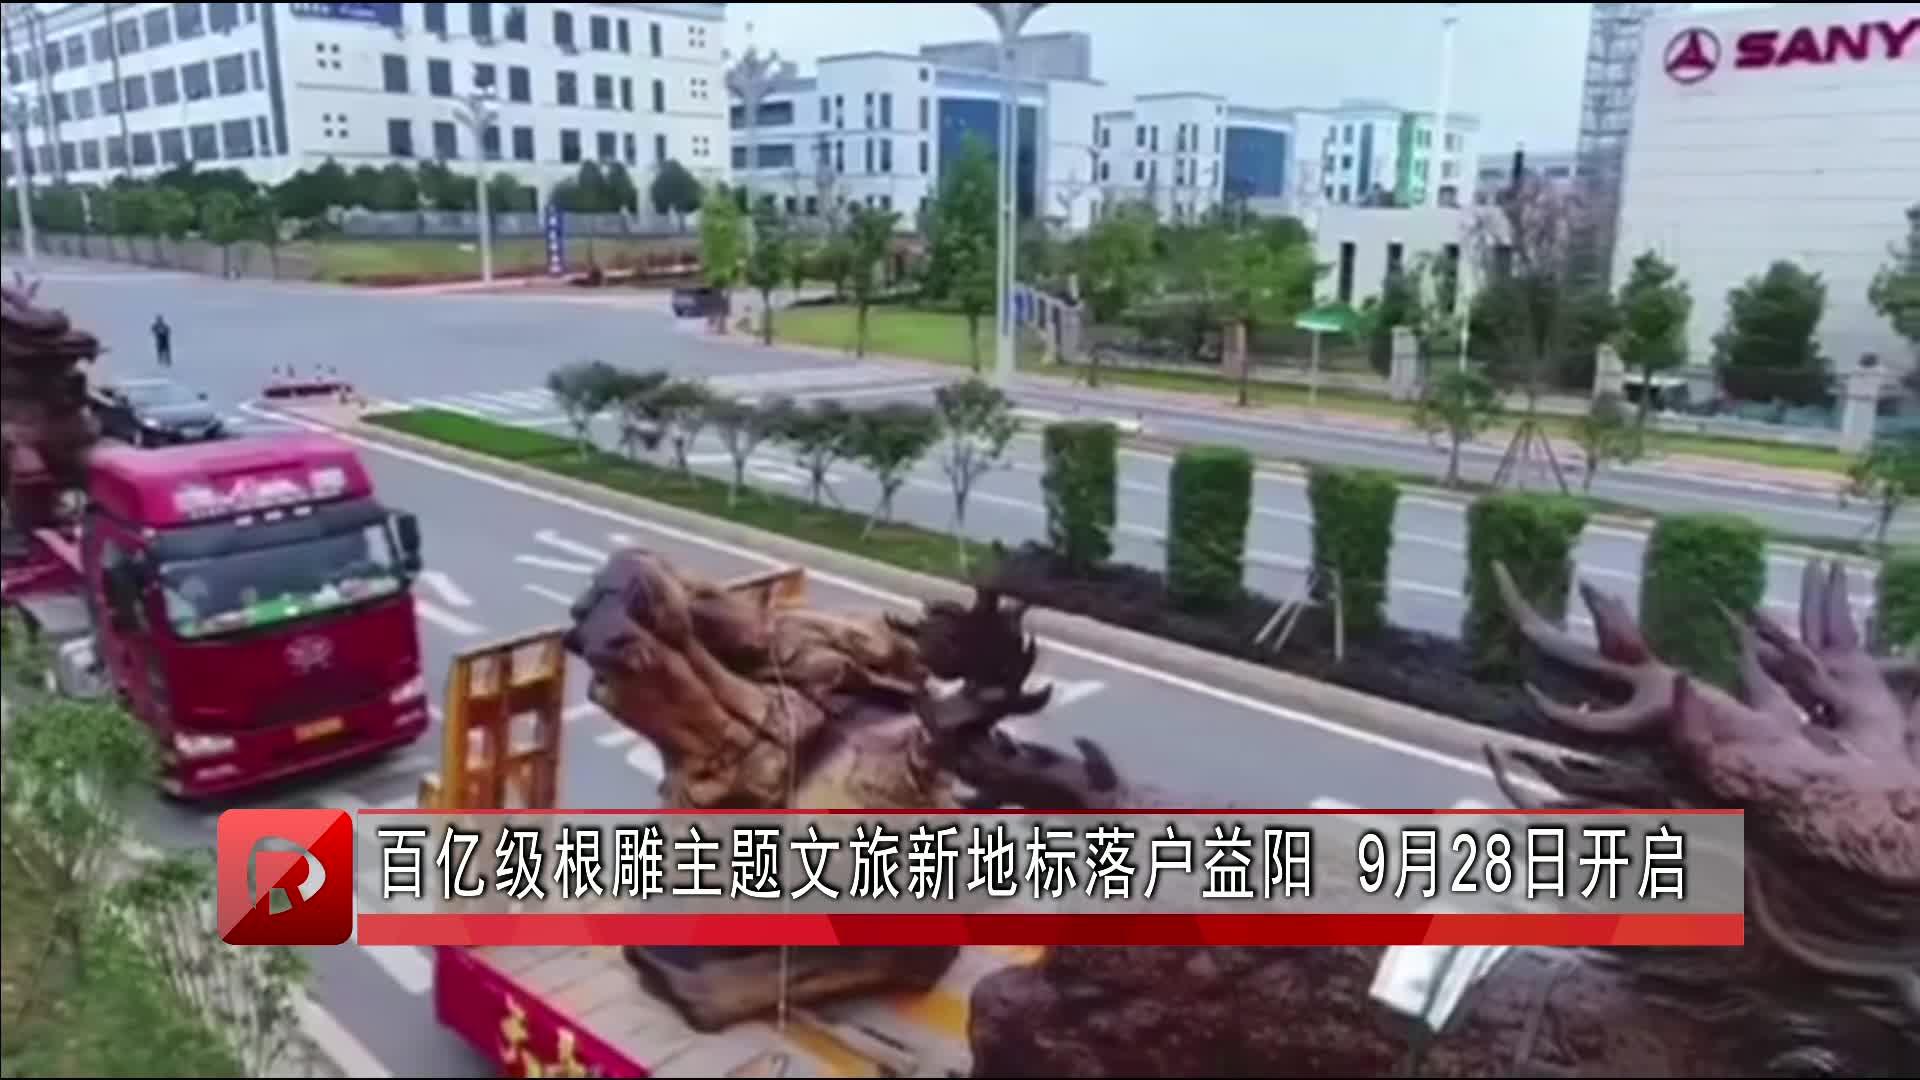 百亿级根雕主题文旅新地标落户益阳  9月28日开启